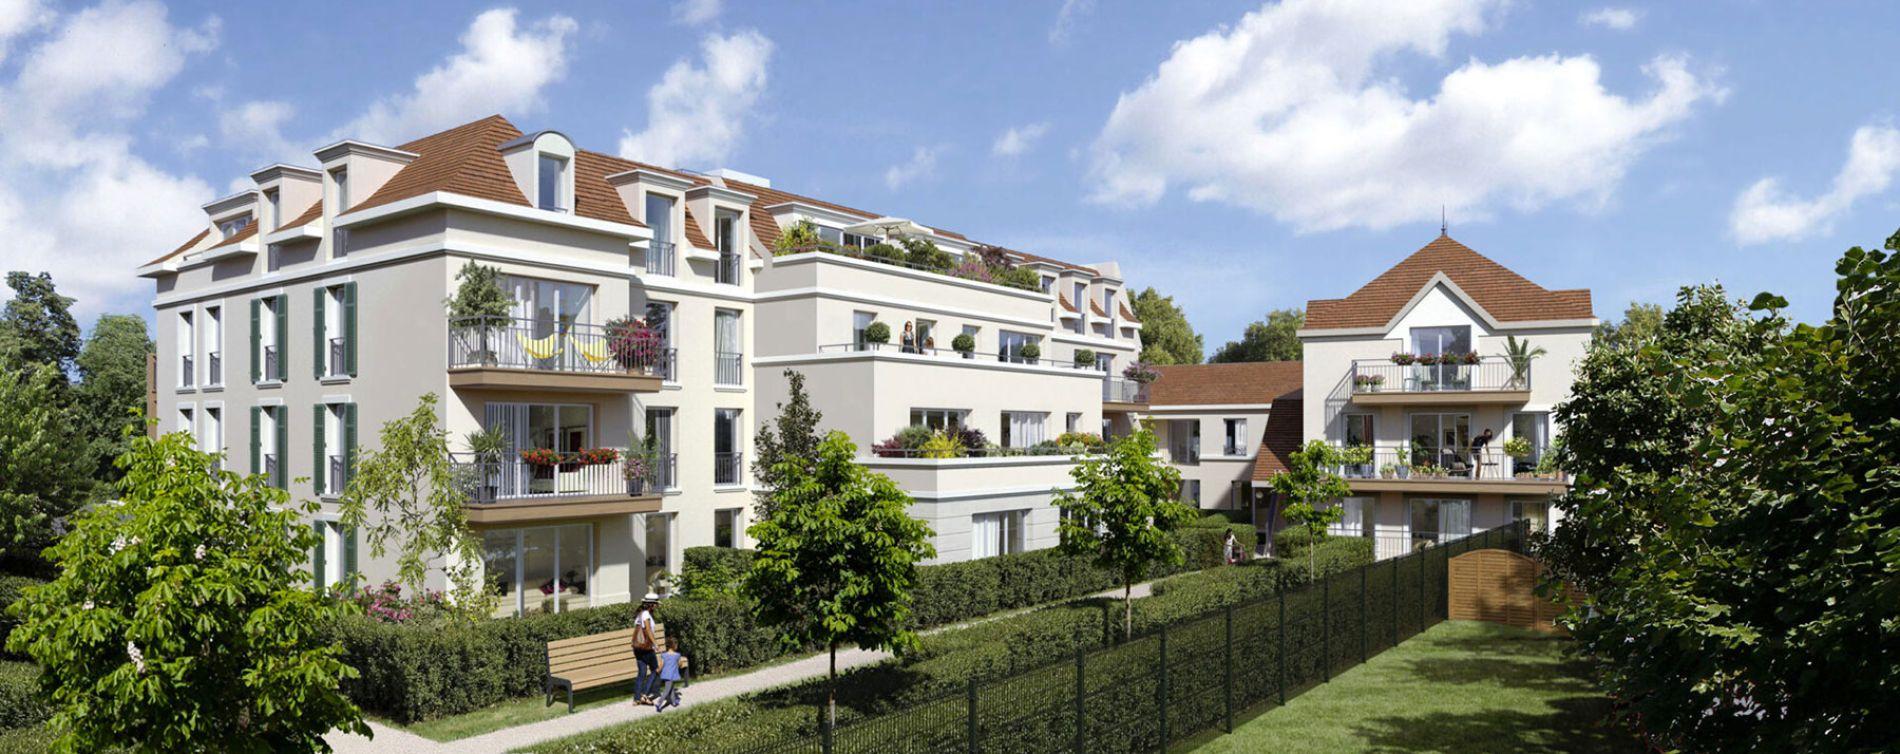 Ballainvilliers : programme immobilier neuve « Programme immobilier n°218630 » en Loi Pinel (3)